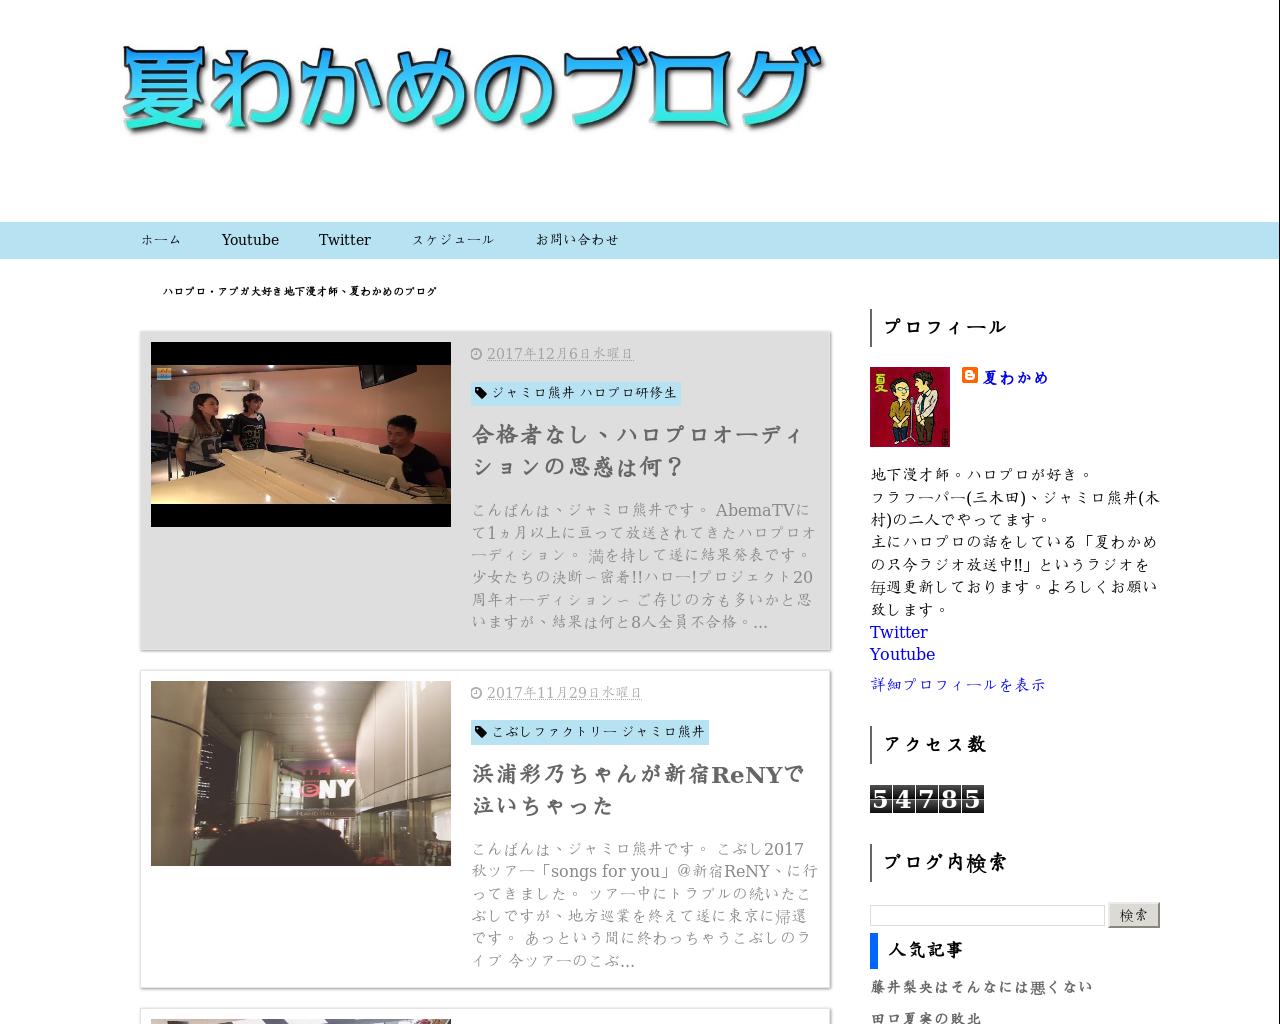 natsuwakame.blogspot.com(2017/12/07 05:10:43)